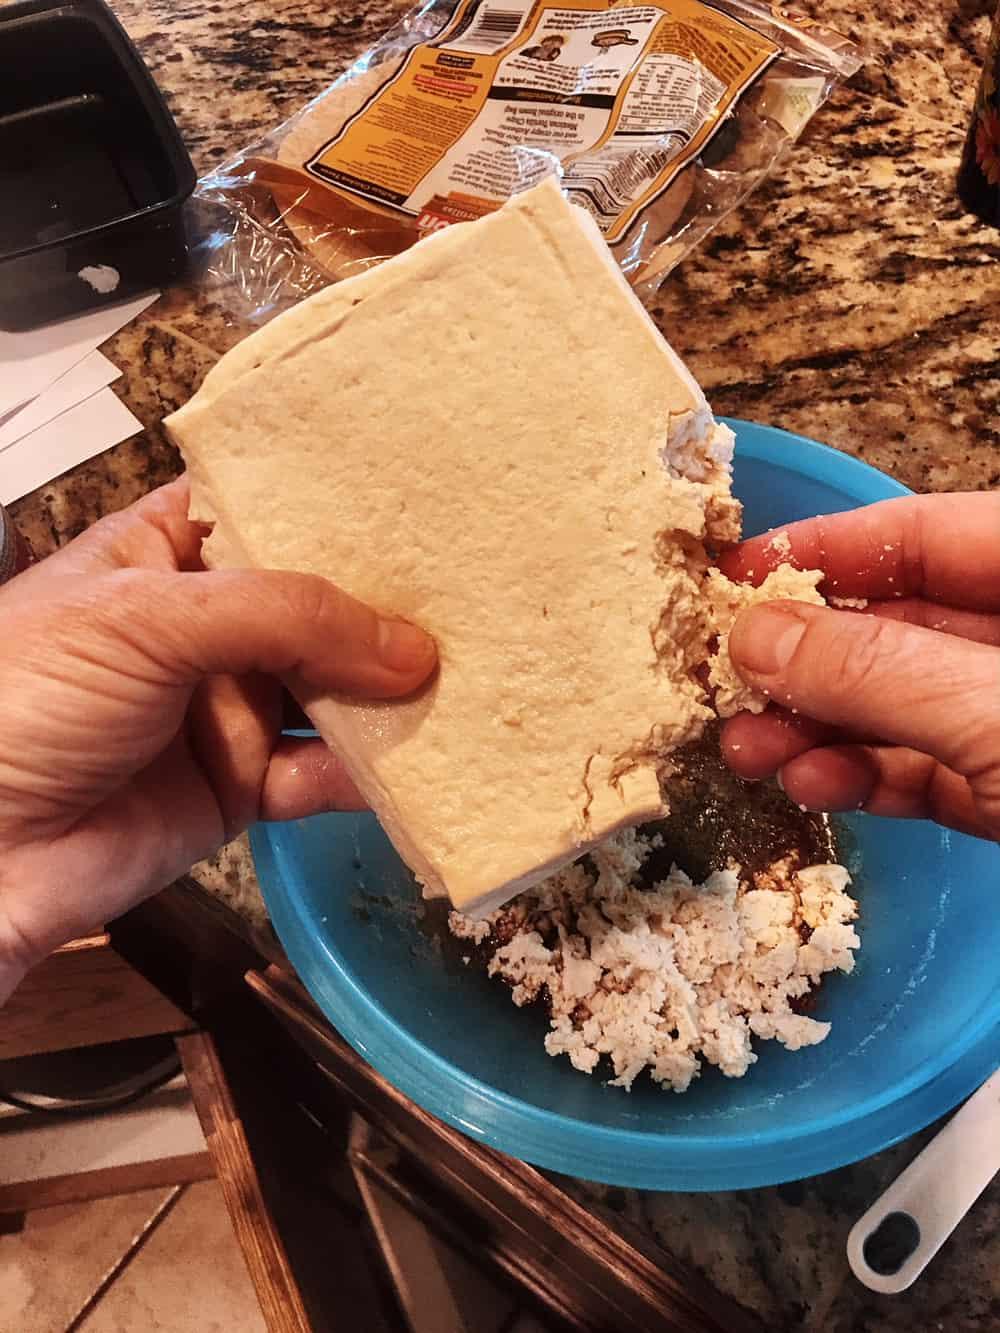 Tofu Being Crumbled